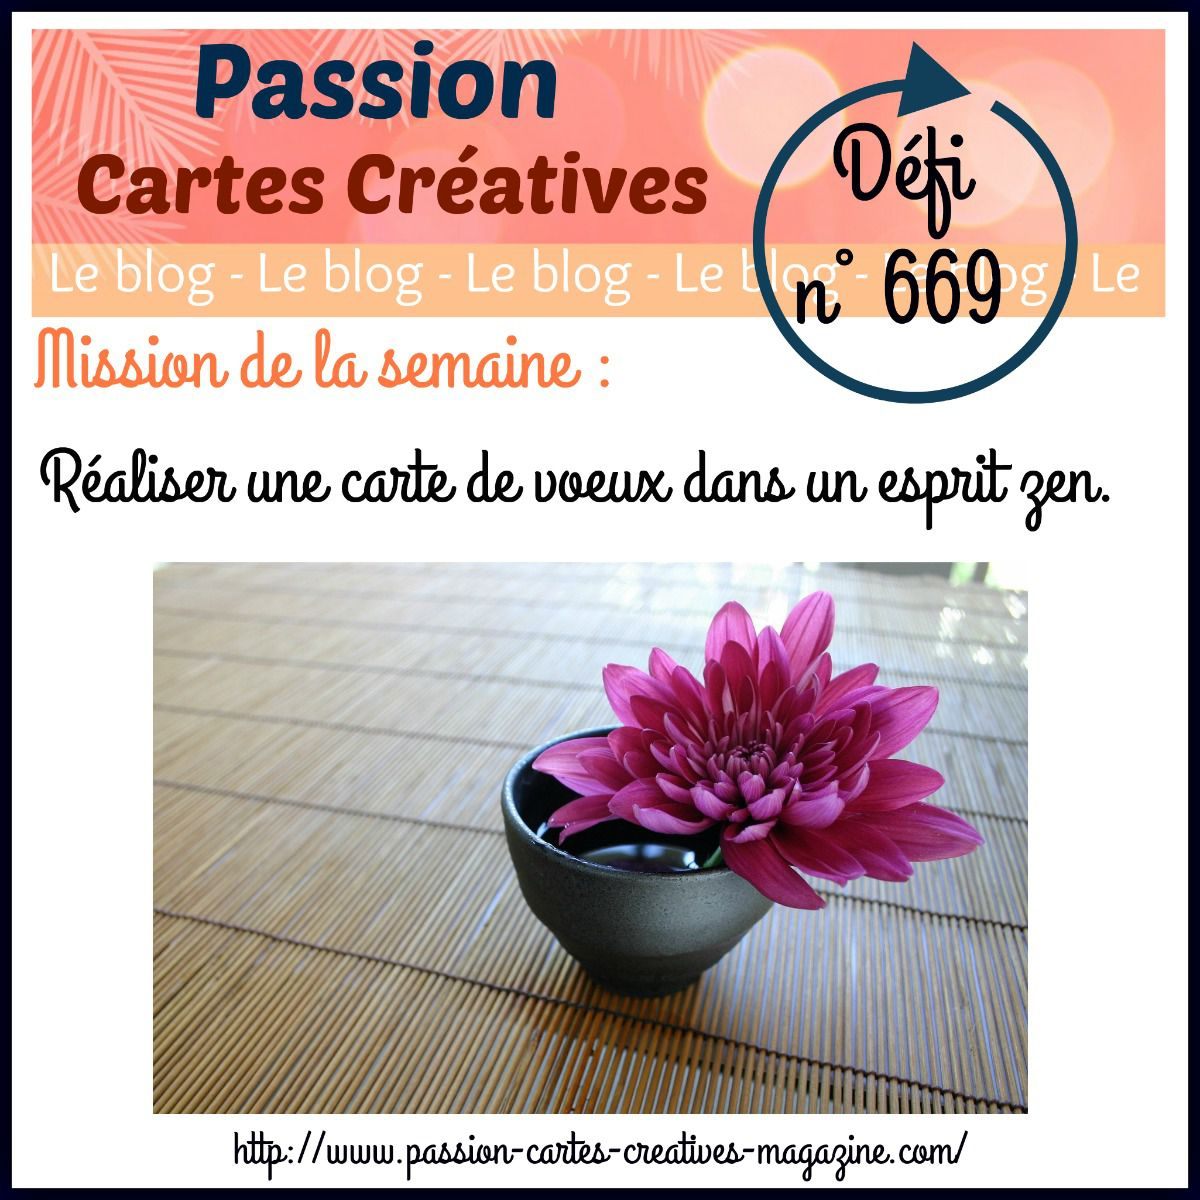 Défi 669 de Passion Cartes Créatives